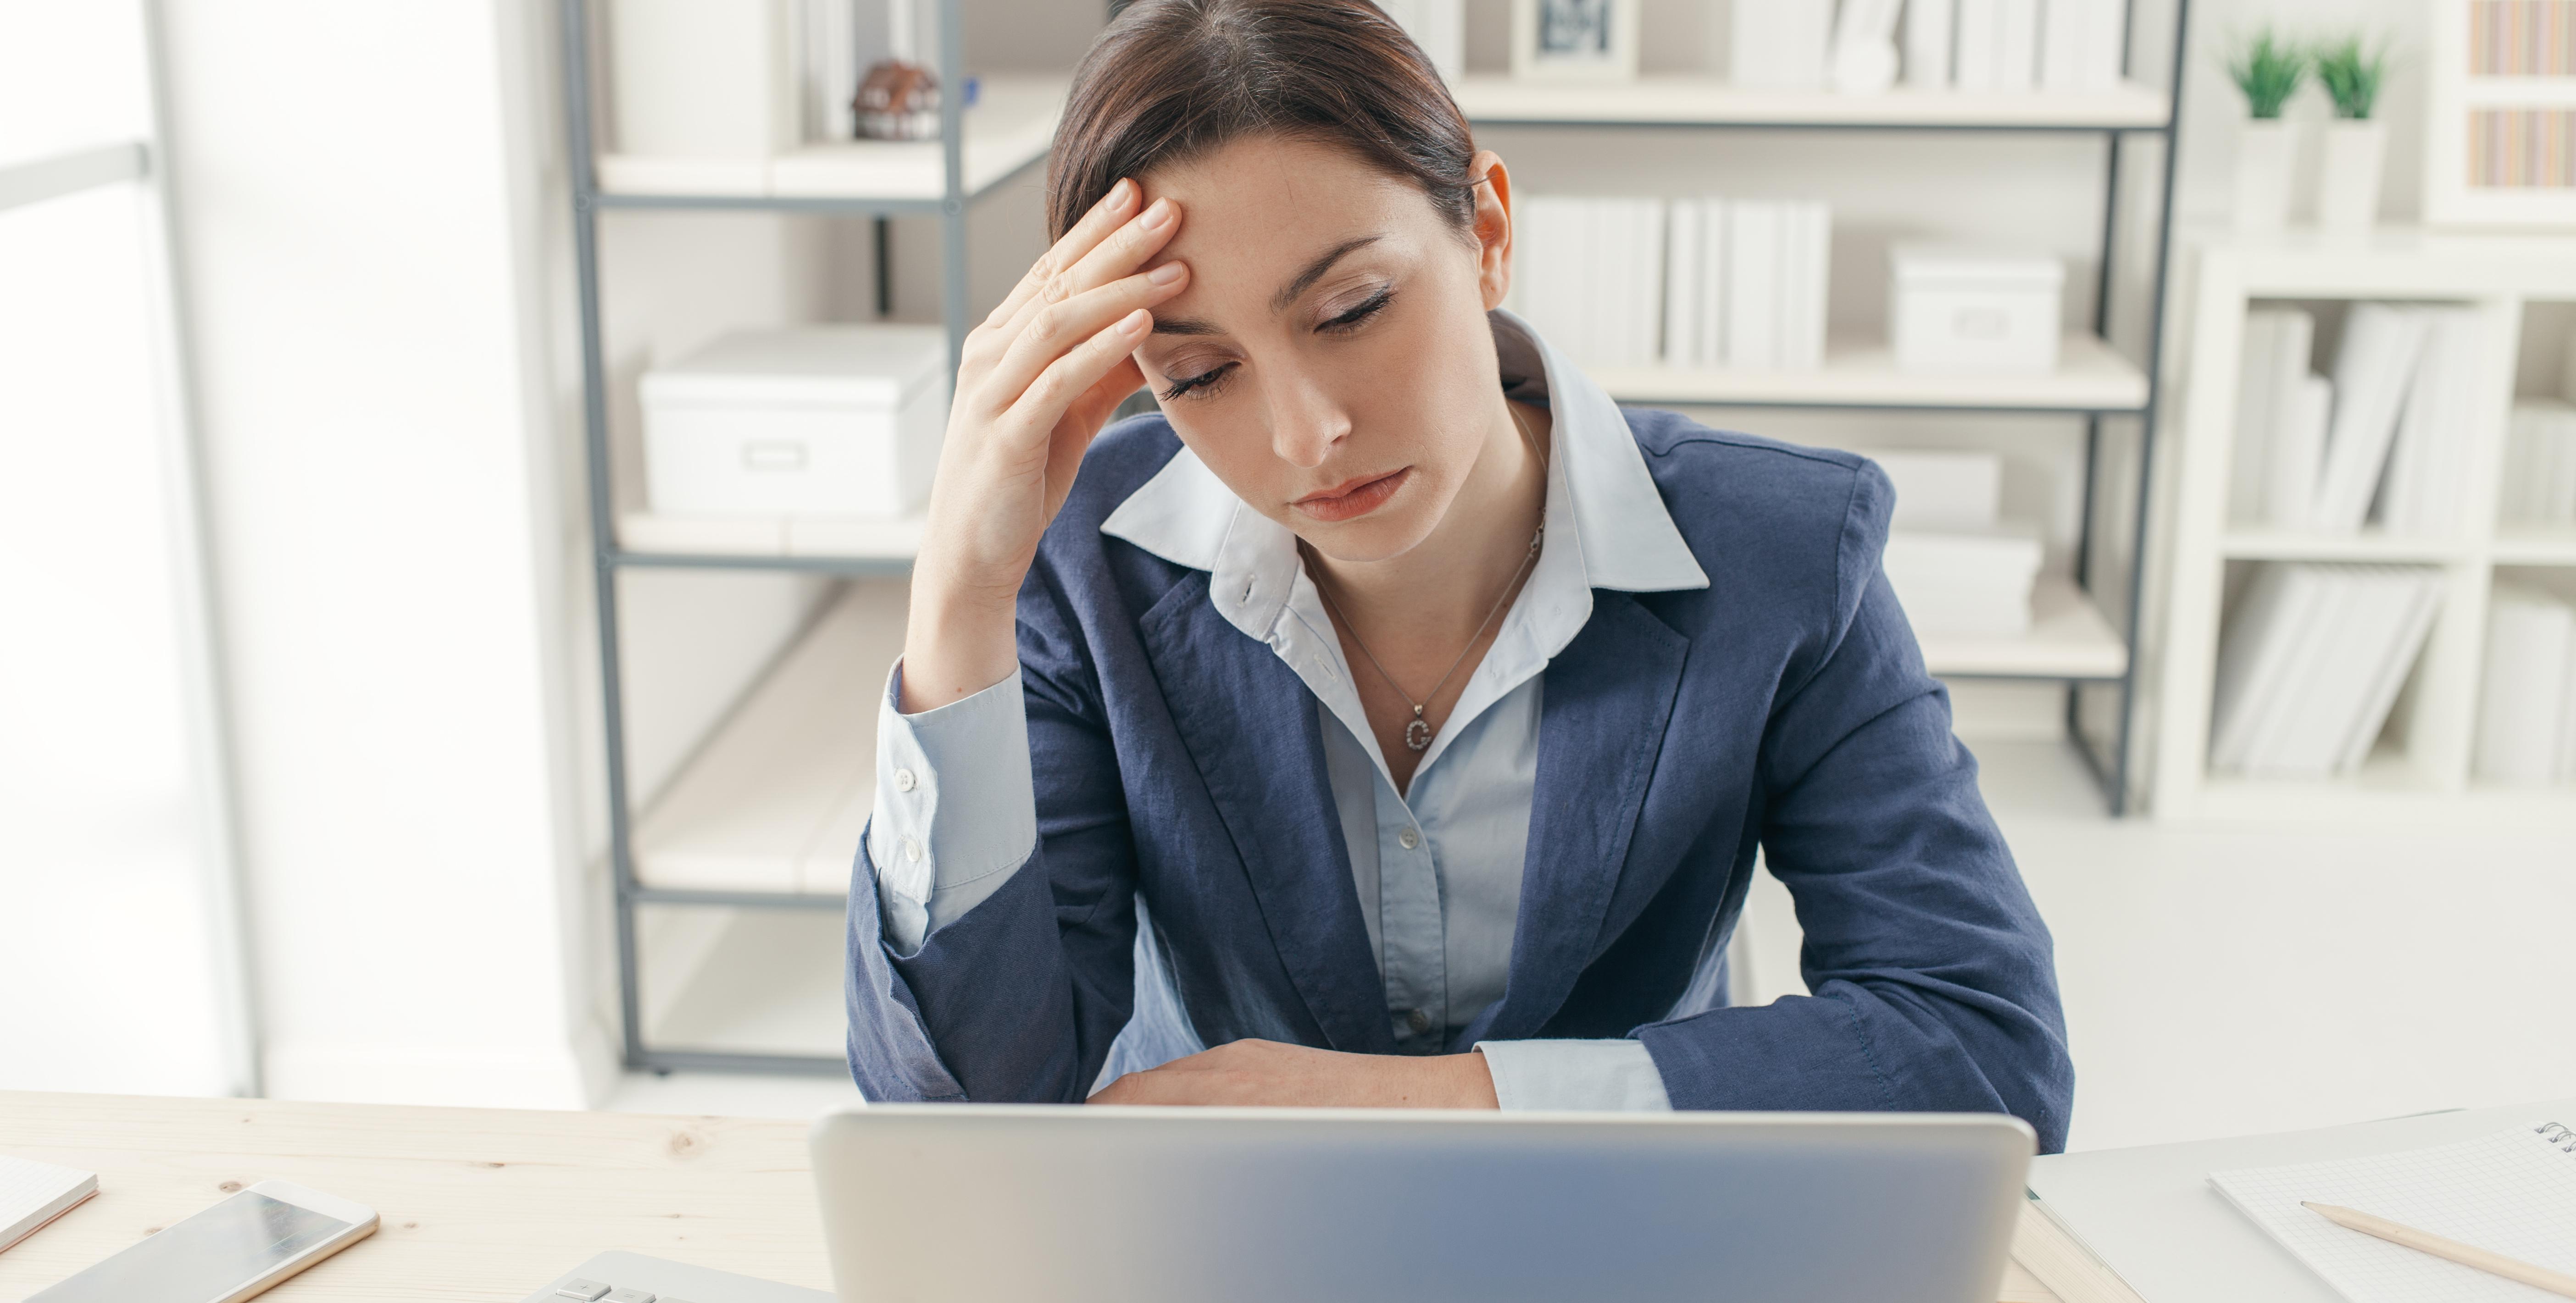 Kopfschmerzen und Konzentrationsmangel: warum häufig der Darm schuld ist